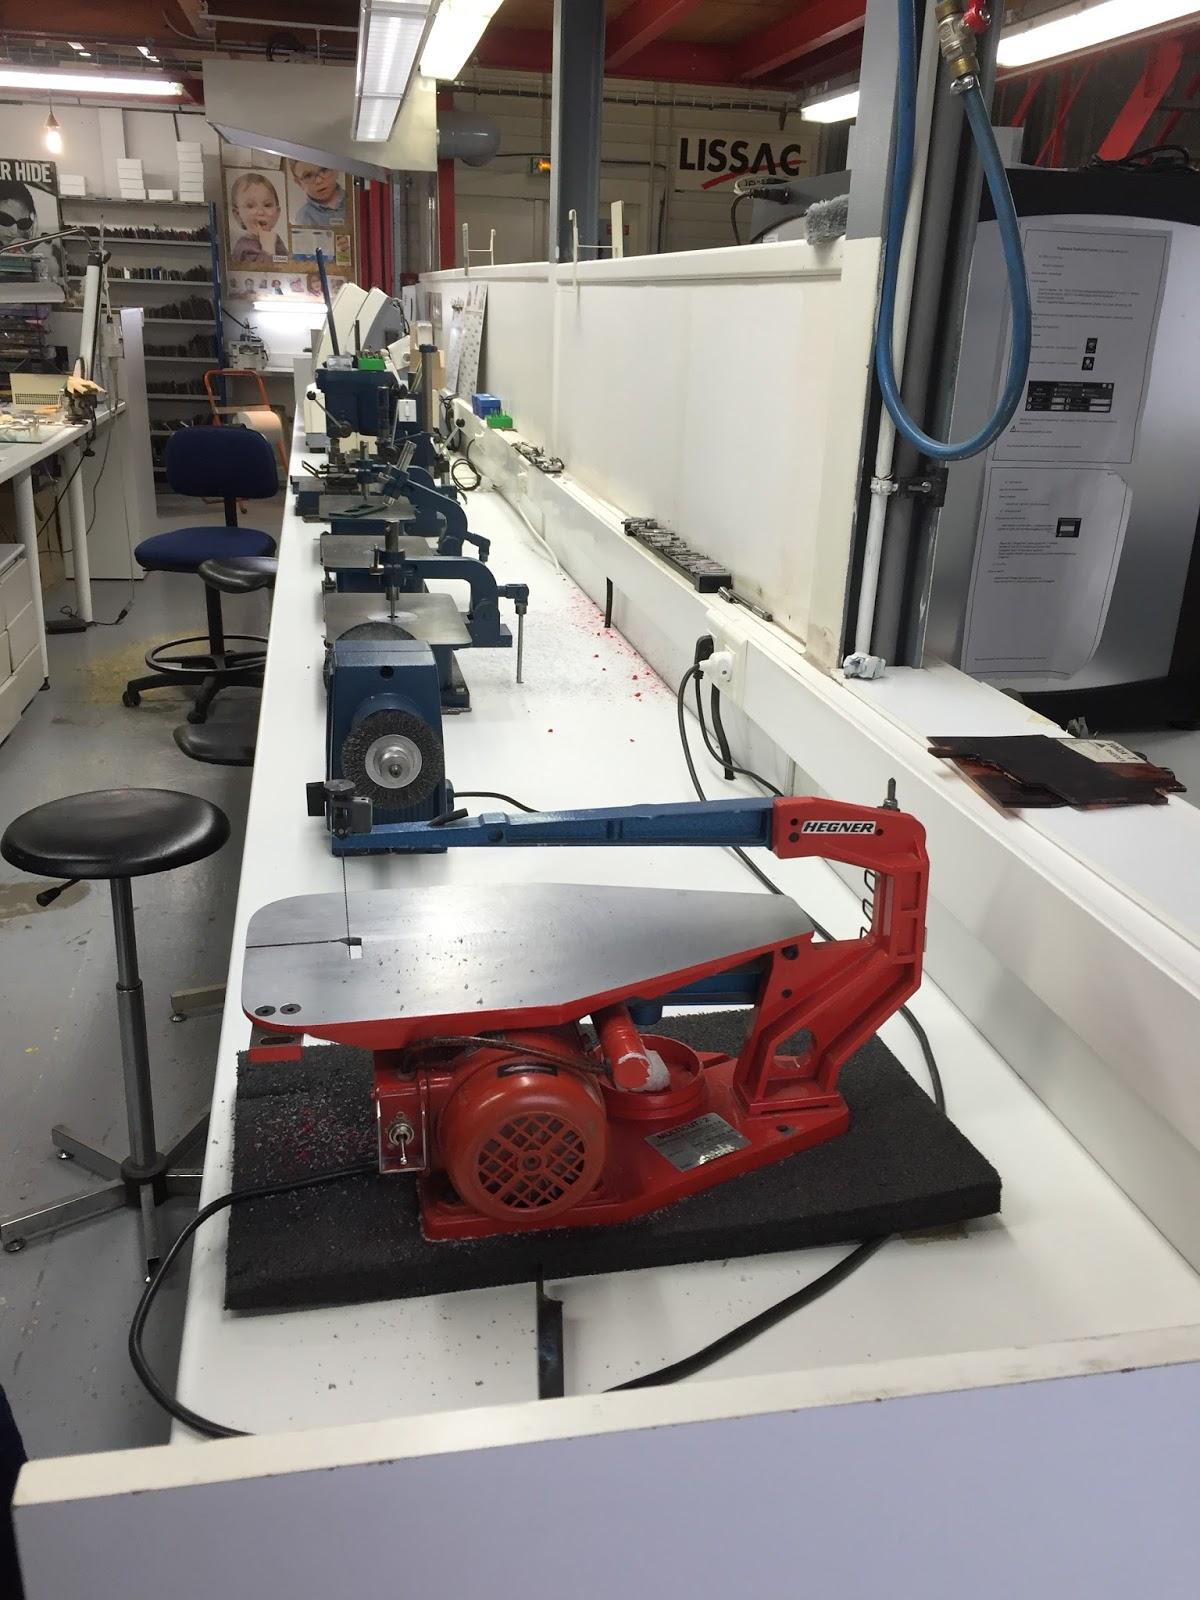 6df50a84b4cc1c A ce moment là, Studio Lissac me propose de tester leur service sur mesure.  Je me dis